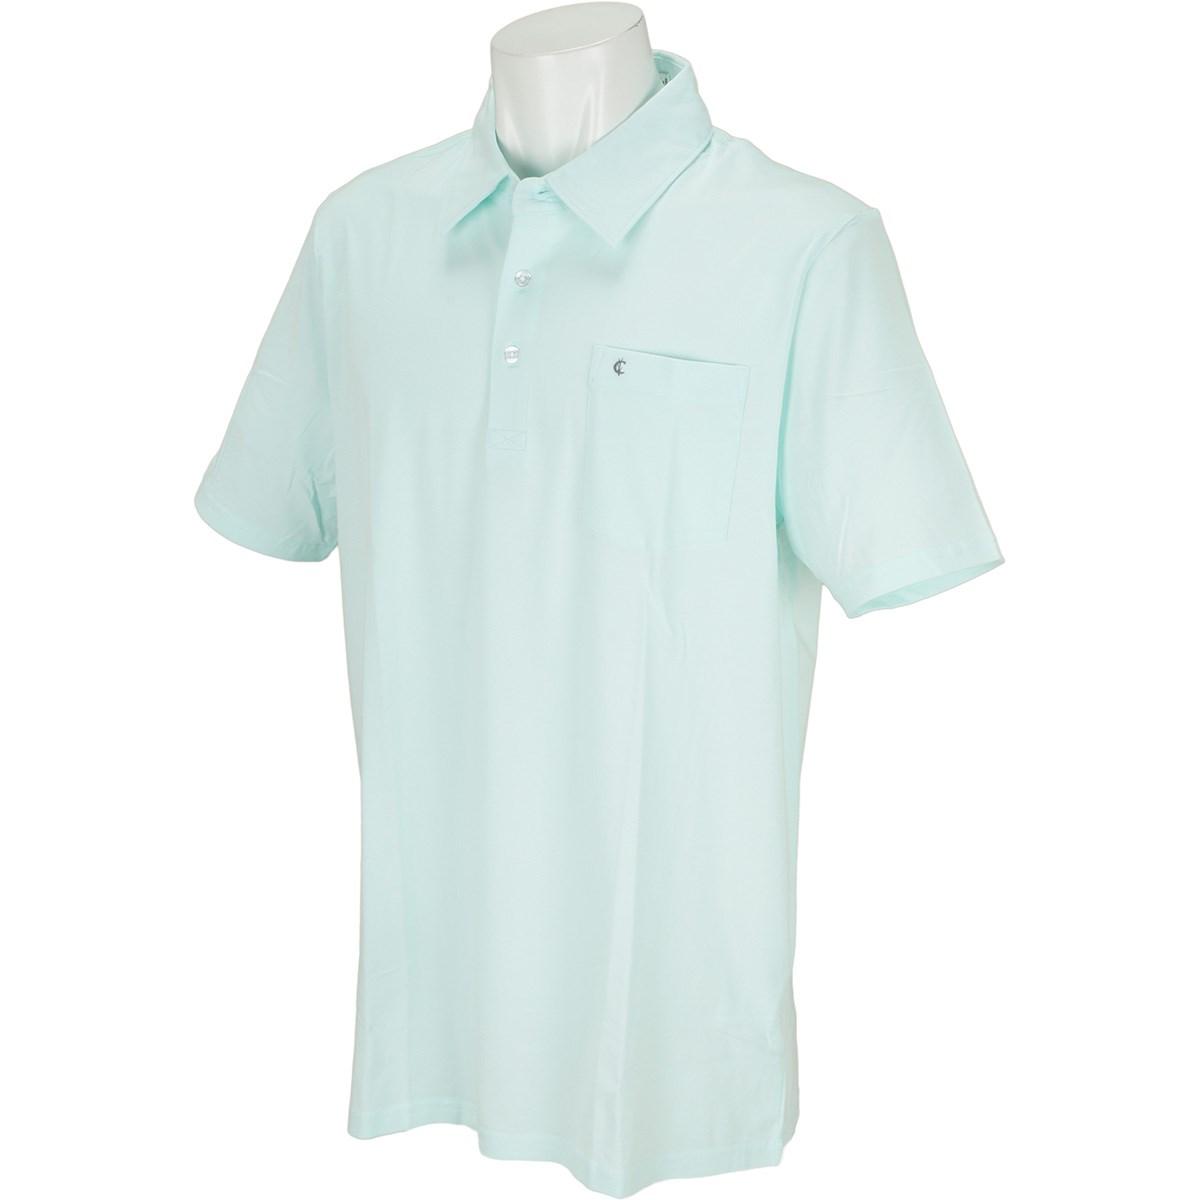 クリケット ピーマストレッチレンジ 半袖ポロシャツ